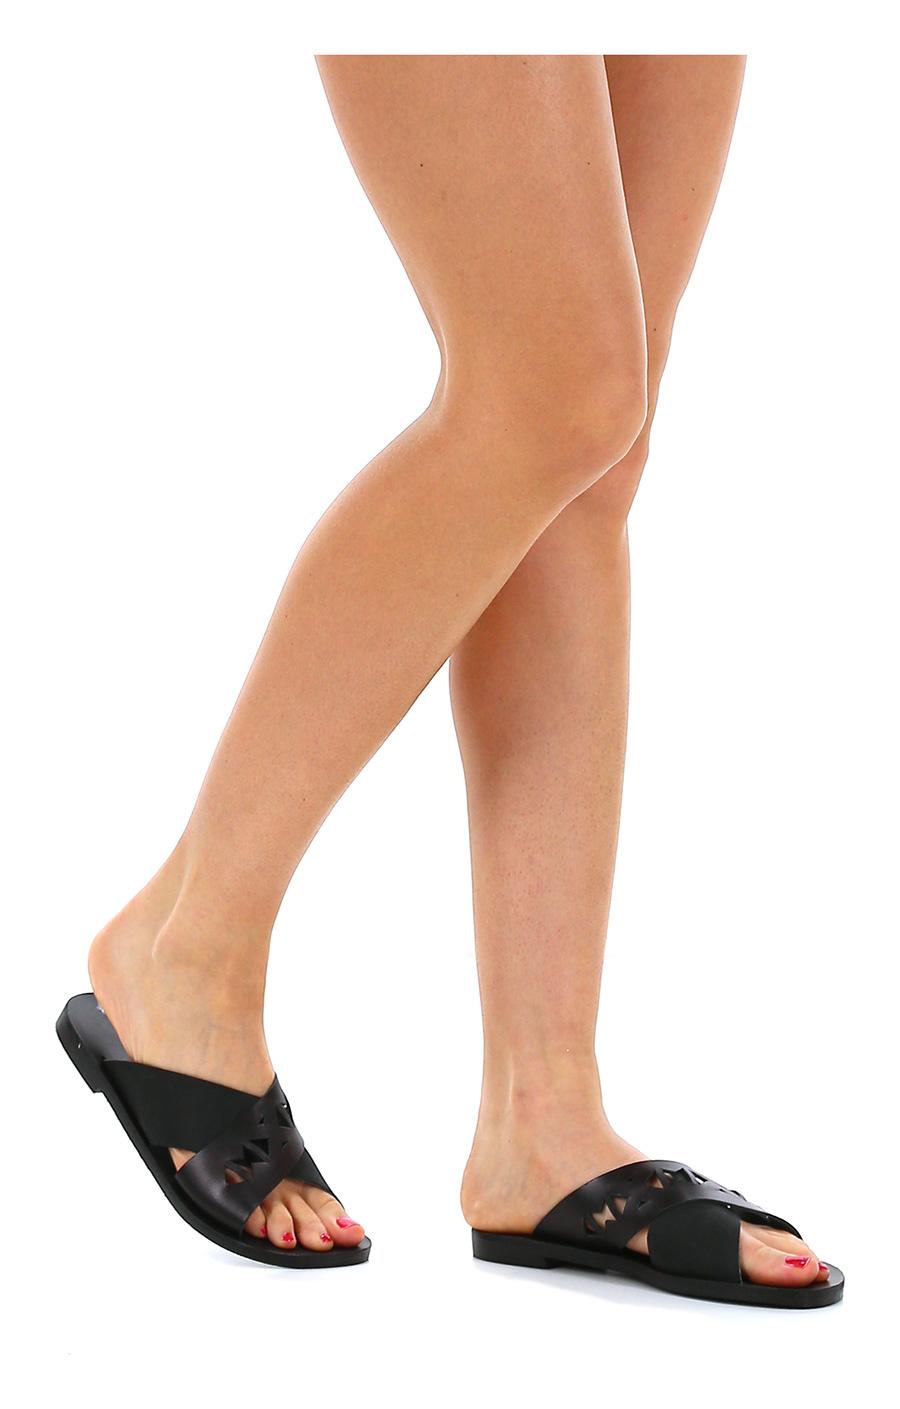 Sandalo basso Black Grecian Chick